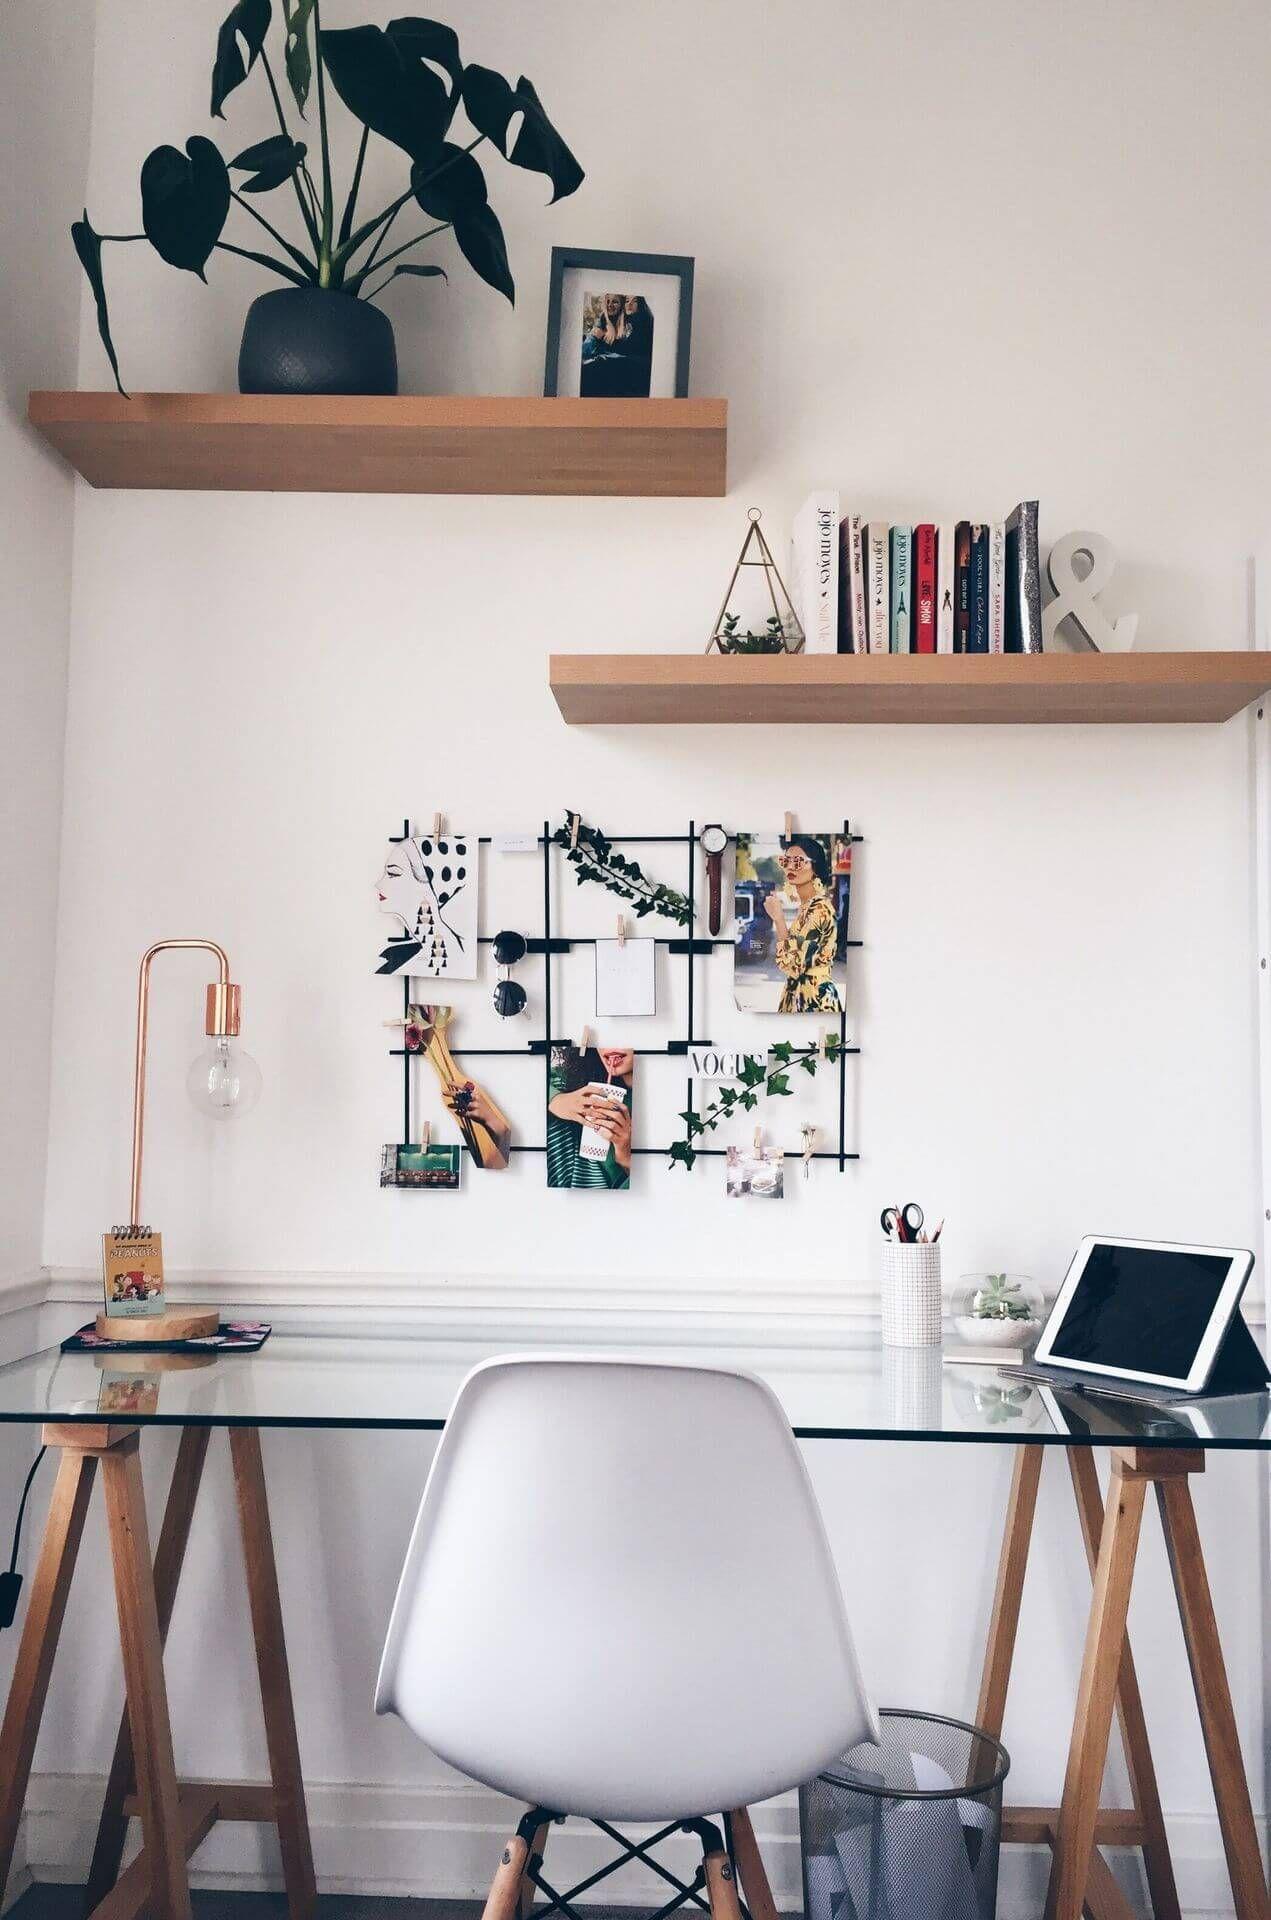 111 home offices mais incríveis do Pinterest - Dec...